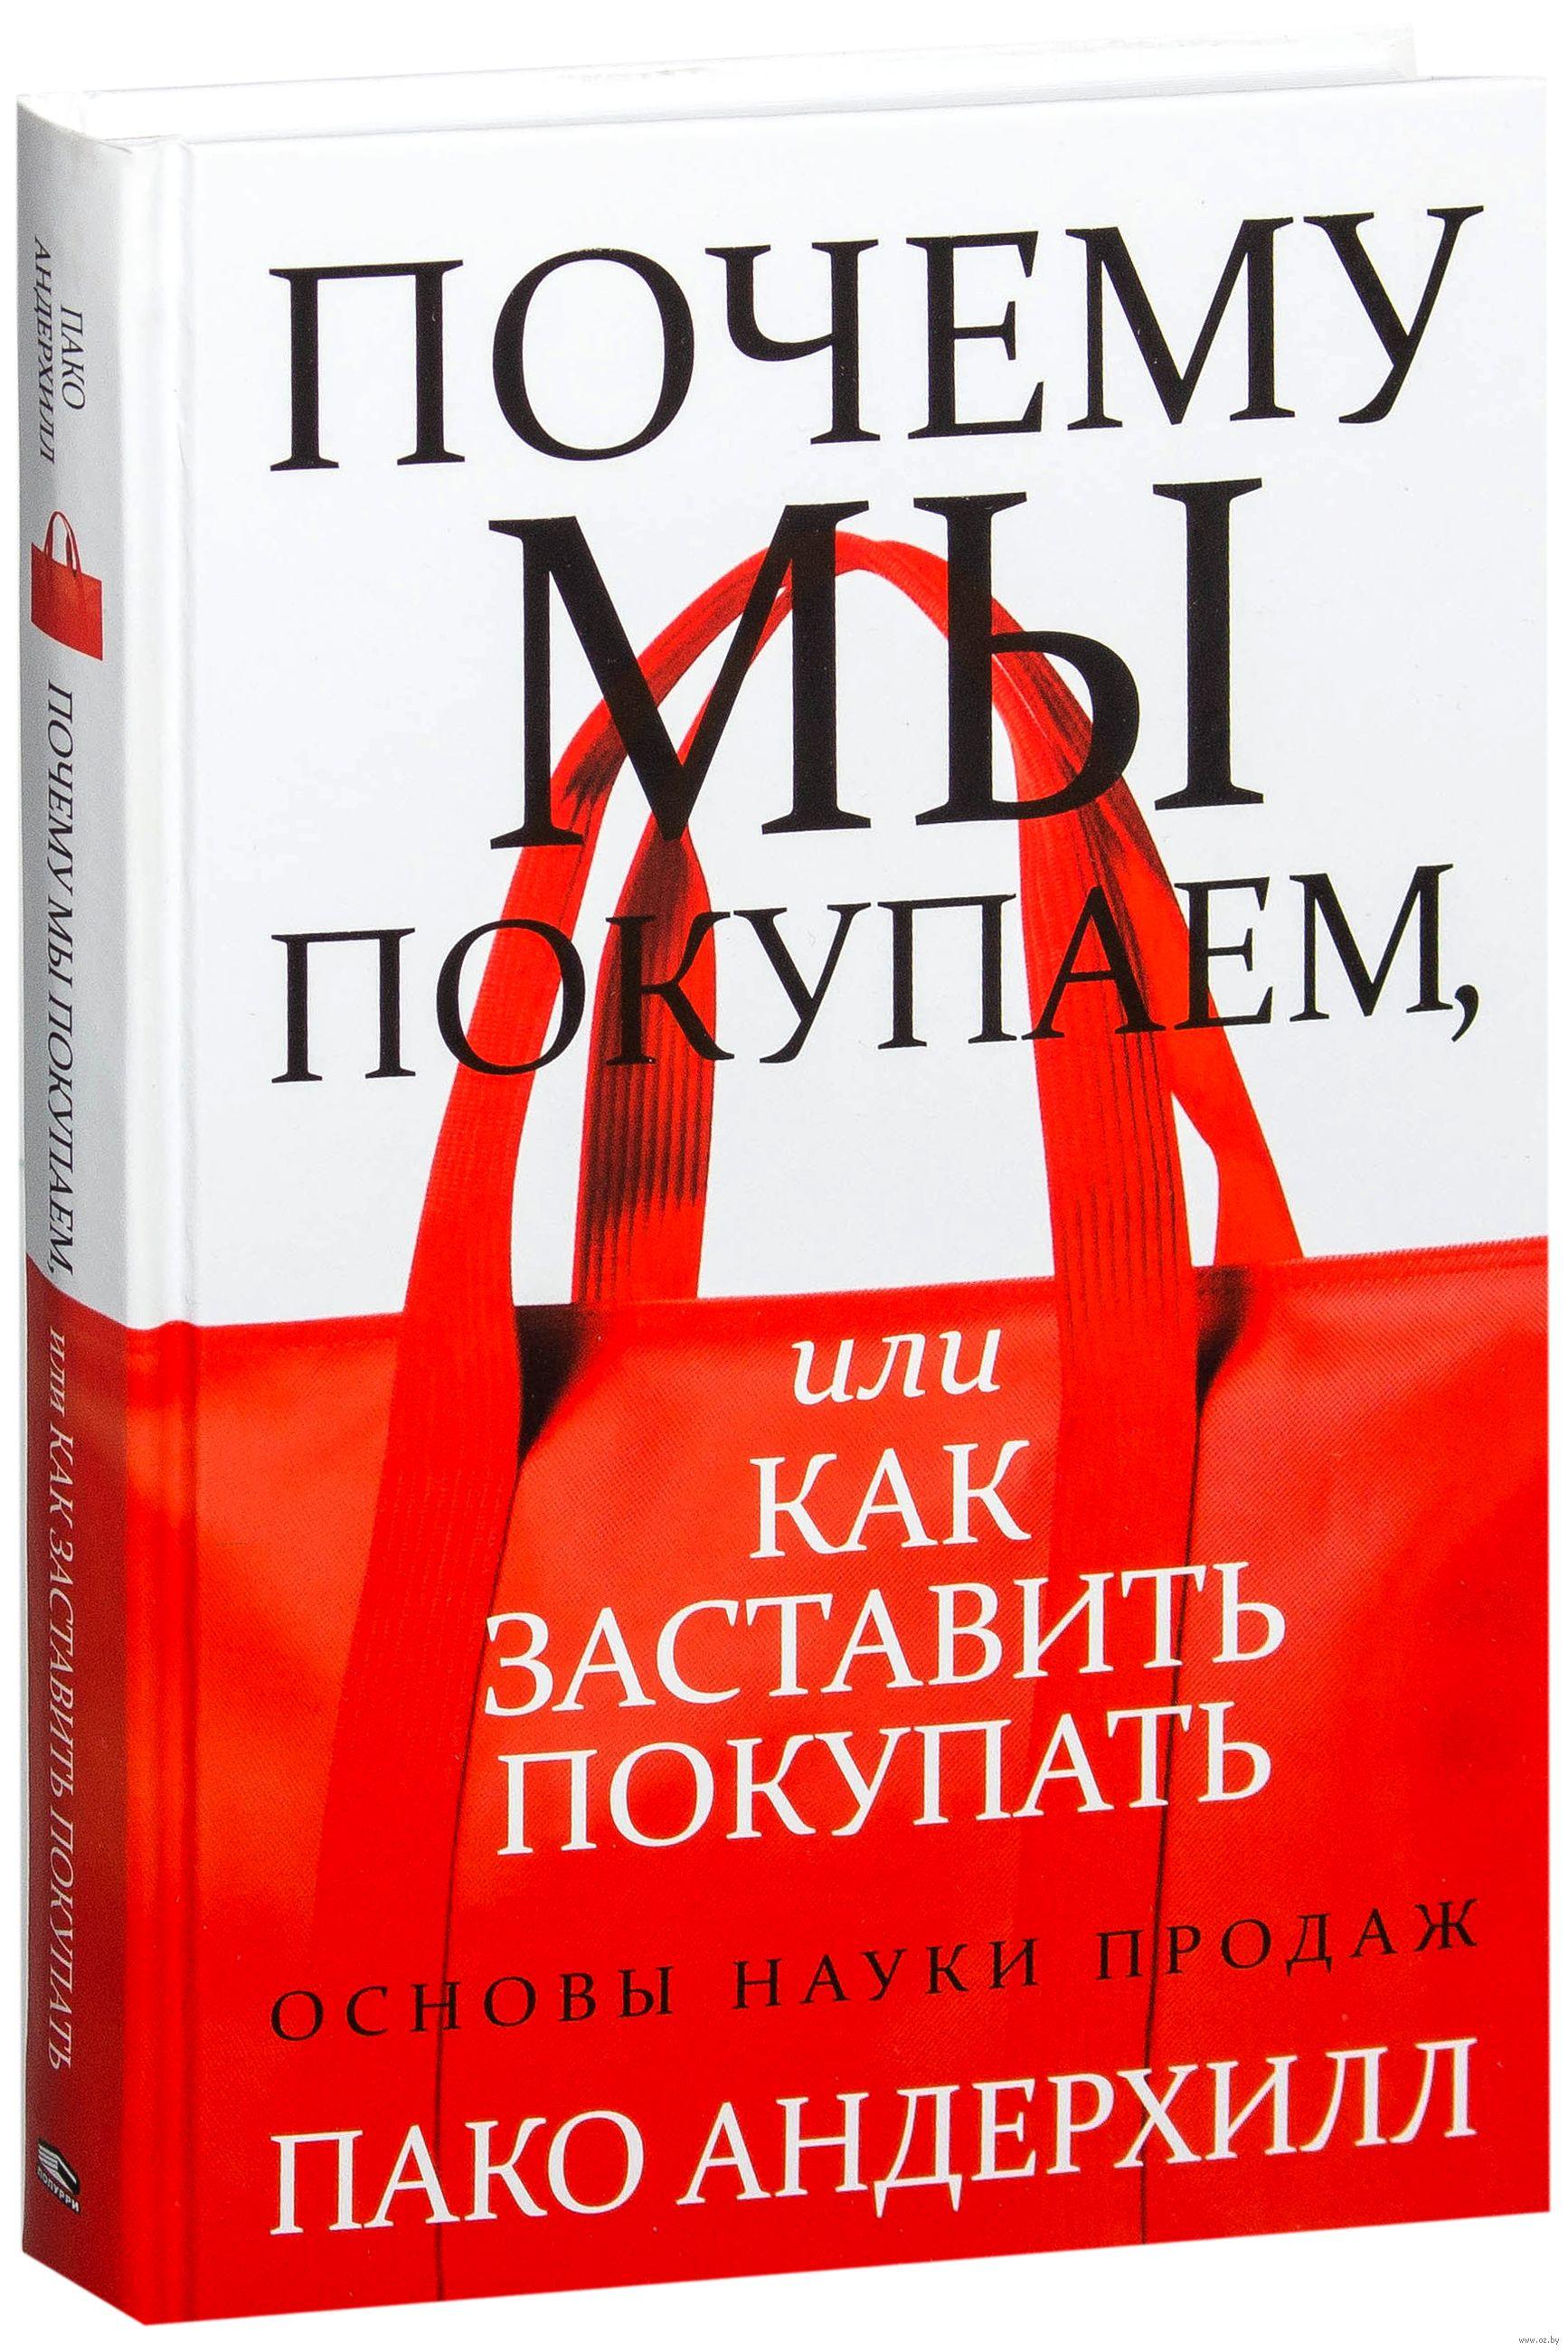 ТОП-7 книг, которые должен прочитать каждый маркетолог